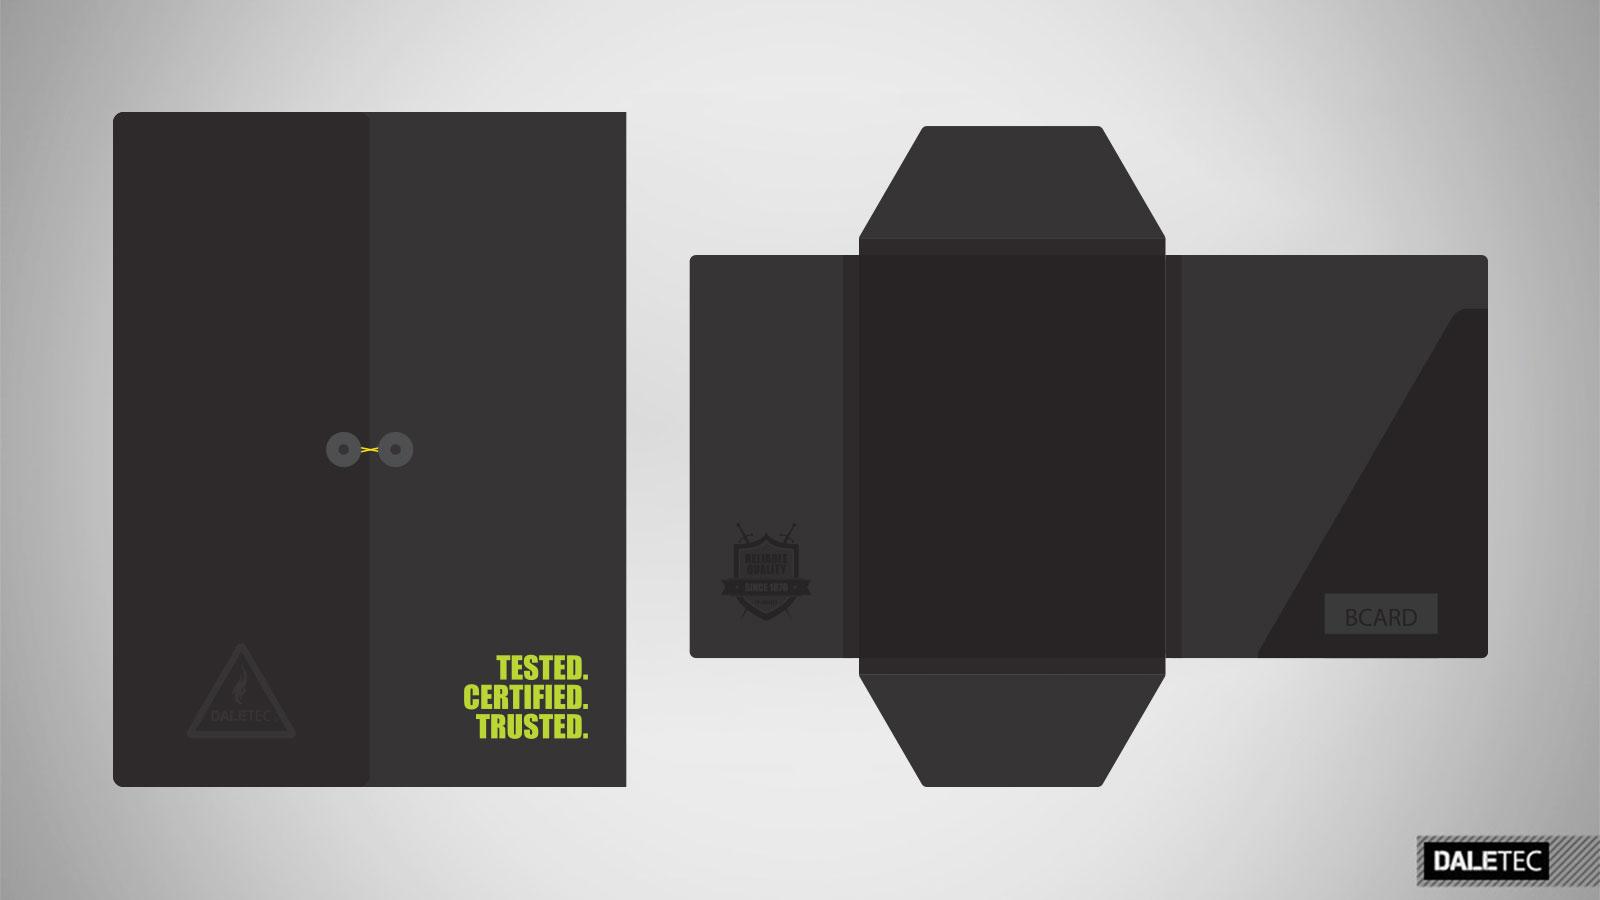 graphic-brand-design-web-designer-hiline-lahore-pakistan-daletec-012